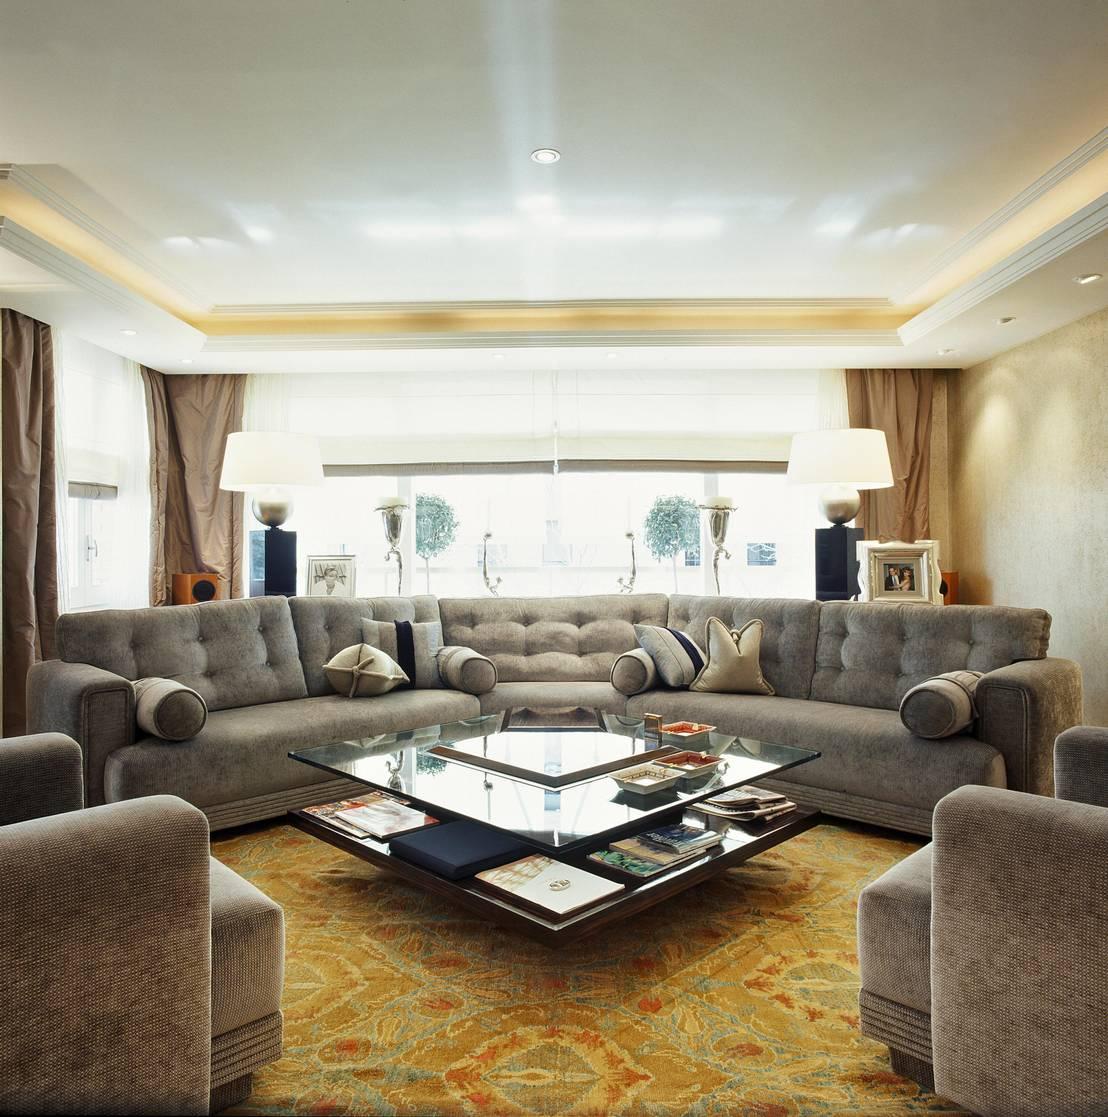 Interiorismo y decoracion de apartamento de lujo en la - Interiorismo y decoracion ...